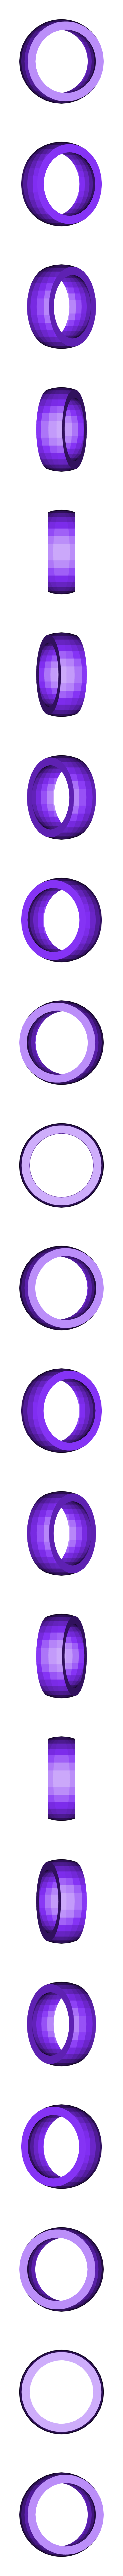 Rings_4.stl Télécharger fichier STL gratuit Anneau tournant multicolore jouet • Plan pour imprimante 3D, MosaicManufacturing